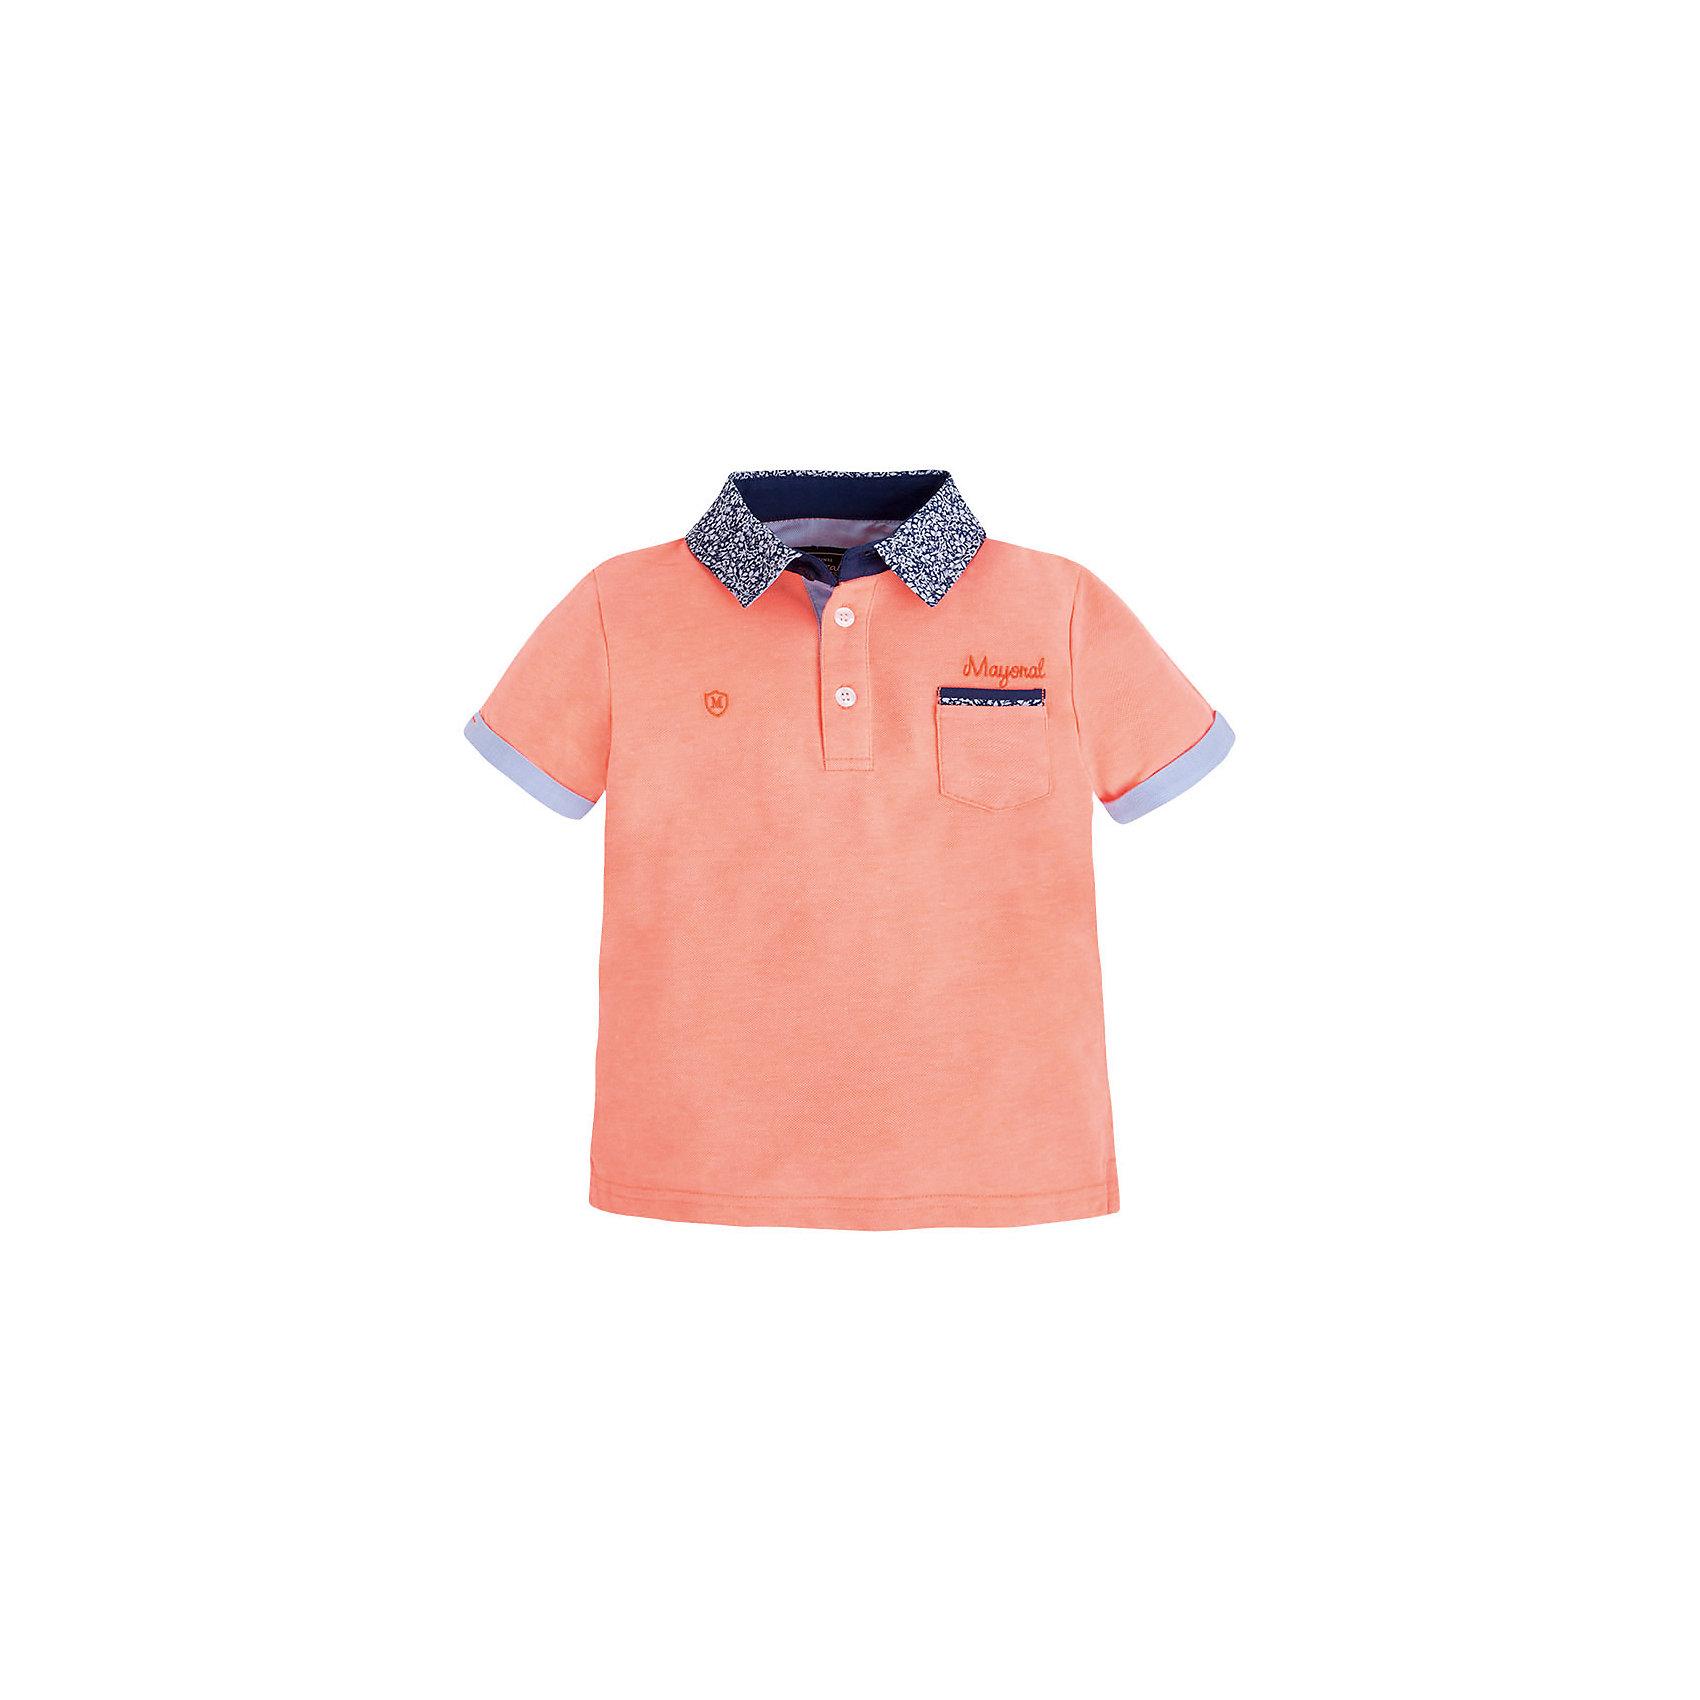 Mayoral Футболка-поло для мальчика Mayoral поло для мальчика 999 74602 00 94z разноцветный birba